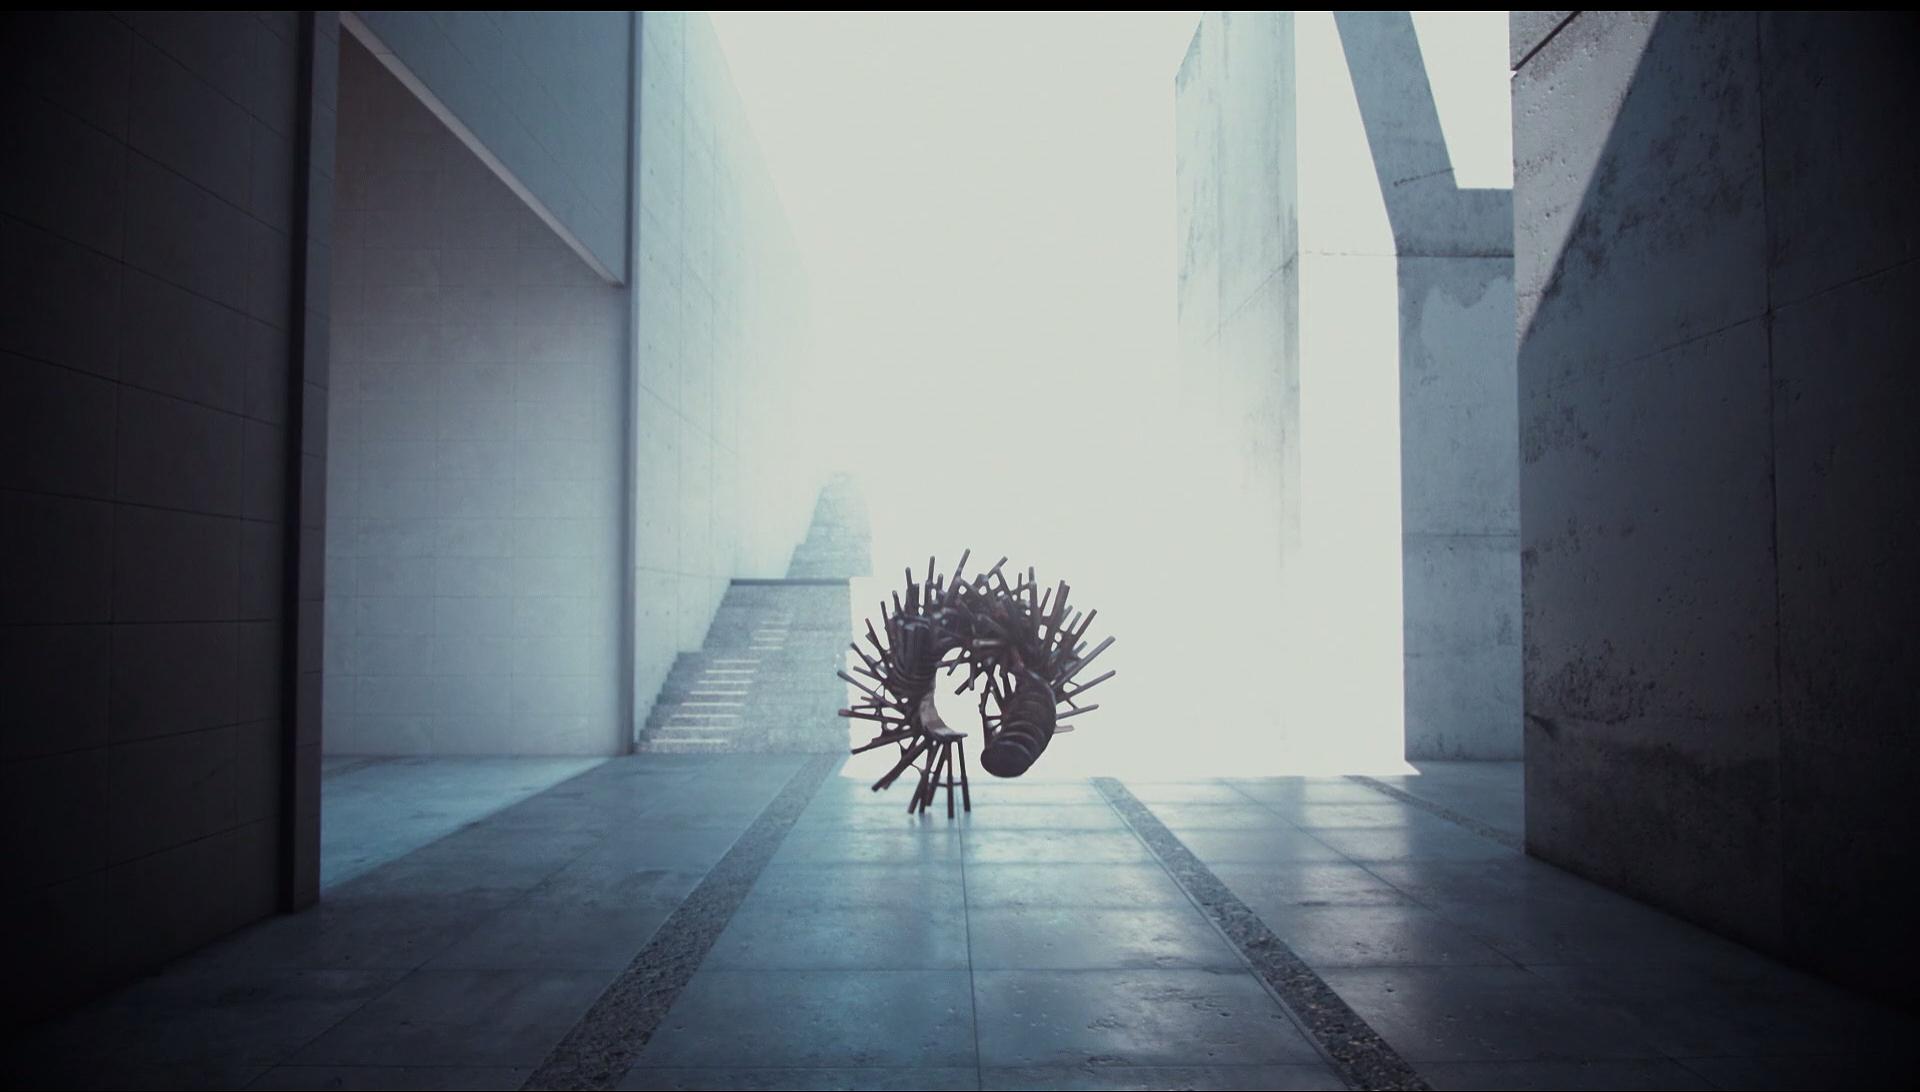 Foto interior - Imagen quemada del exterior si enfocamos adentro.